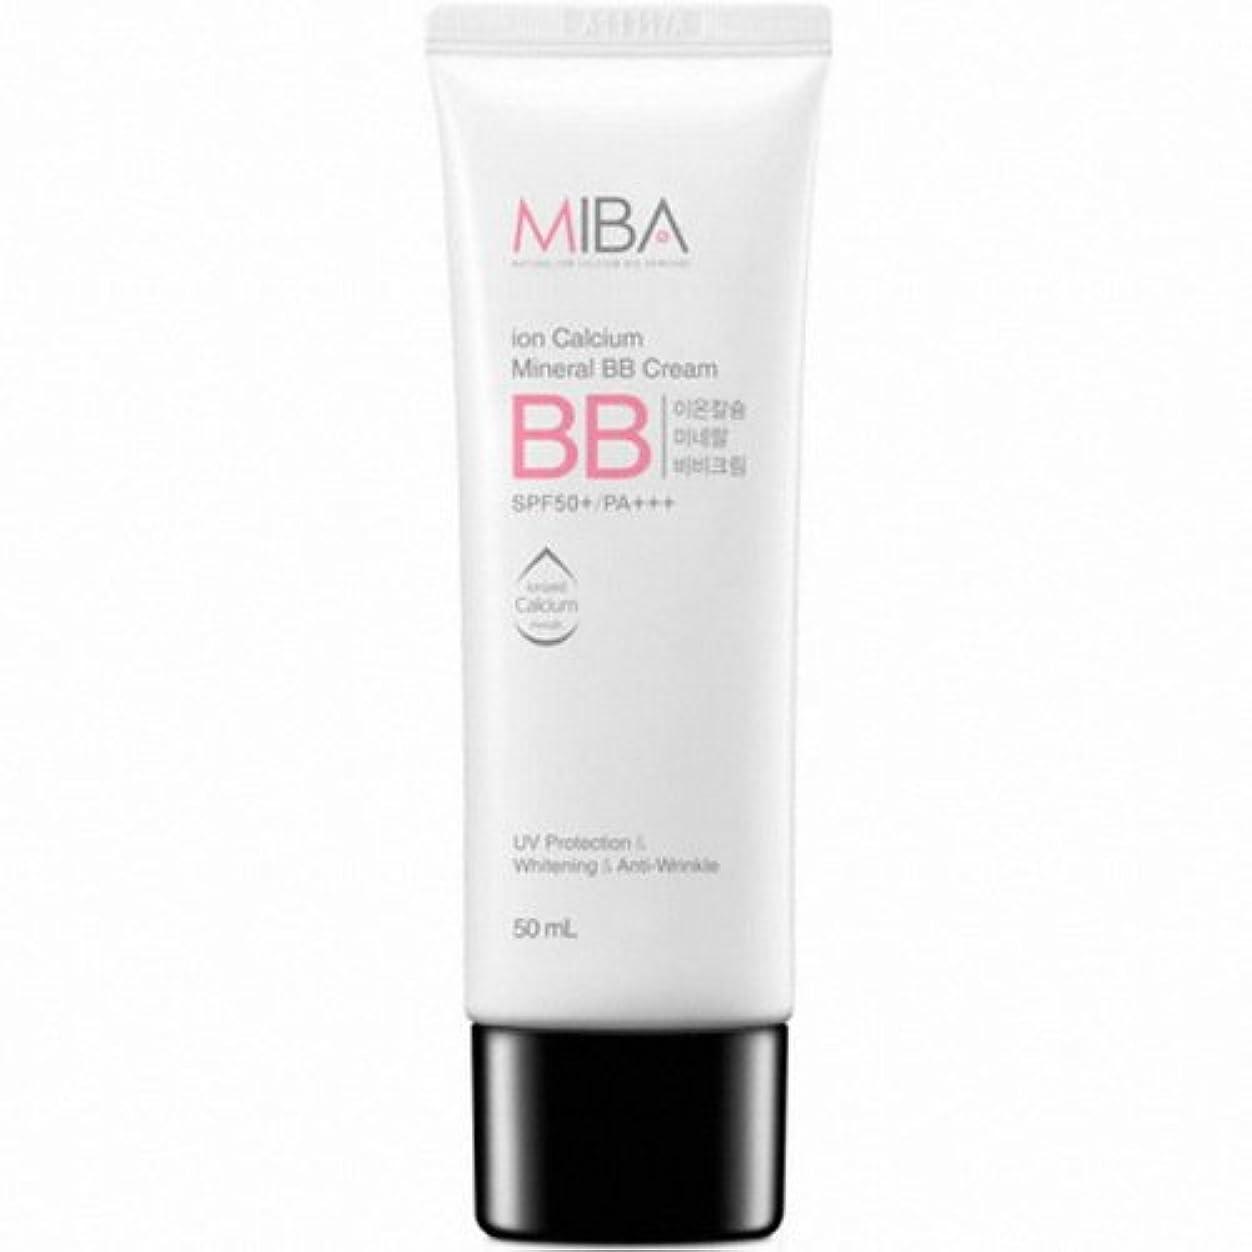 中央値ワイド不測の事態MINERALBIO (ミネラルバイオ) ミバ イオン カルシウム ミネラル ビビクリーム / MIBA Ion Calcium Mineral BB Cream (50ml) [並行輸入品]